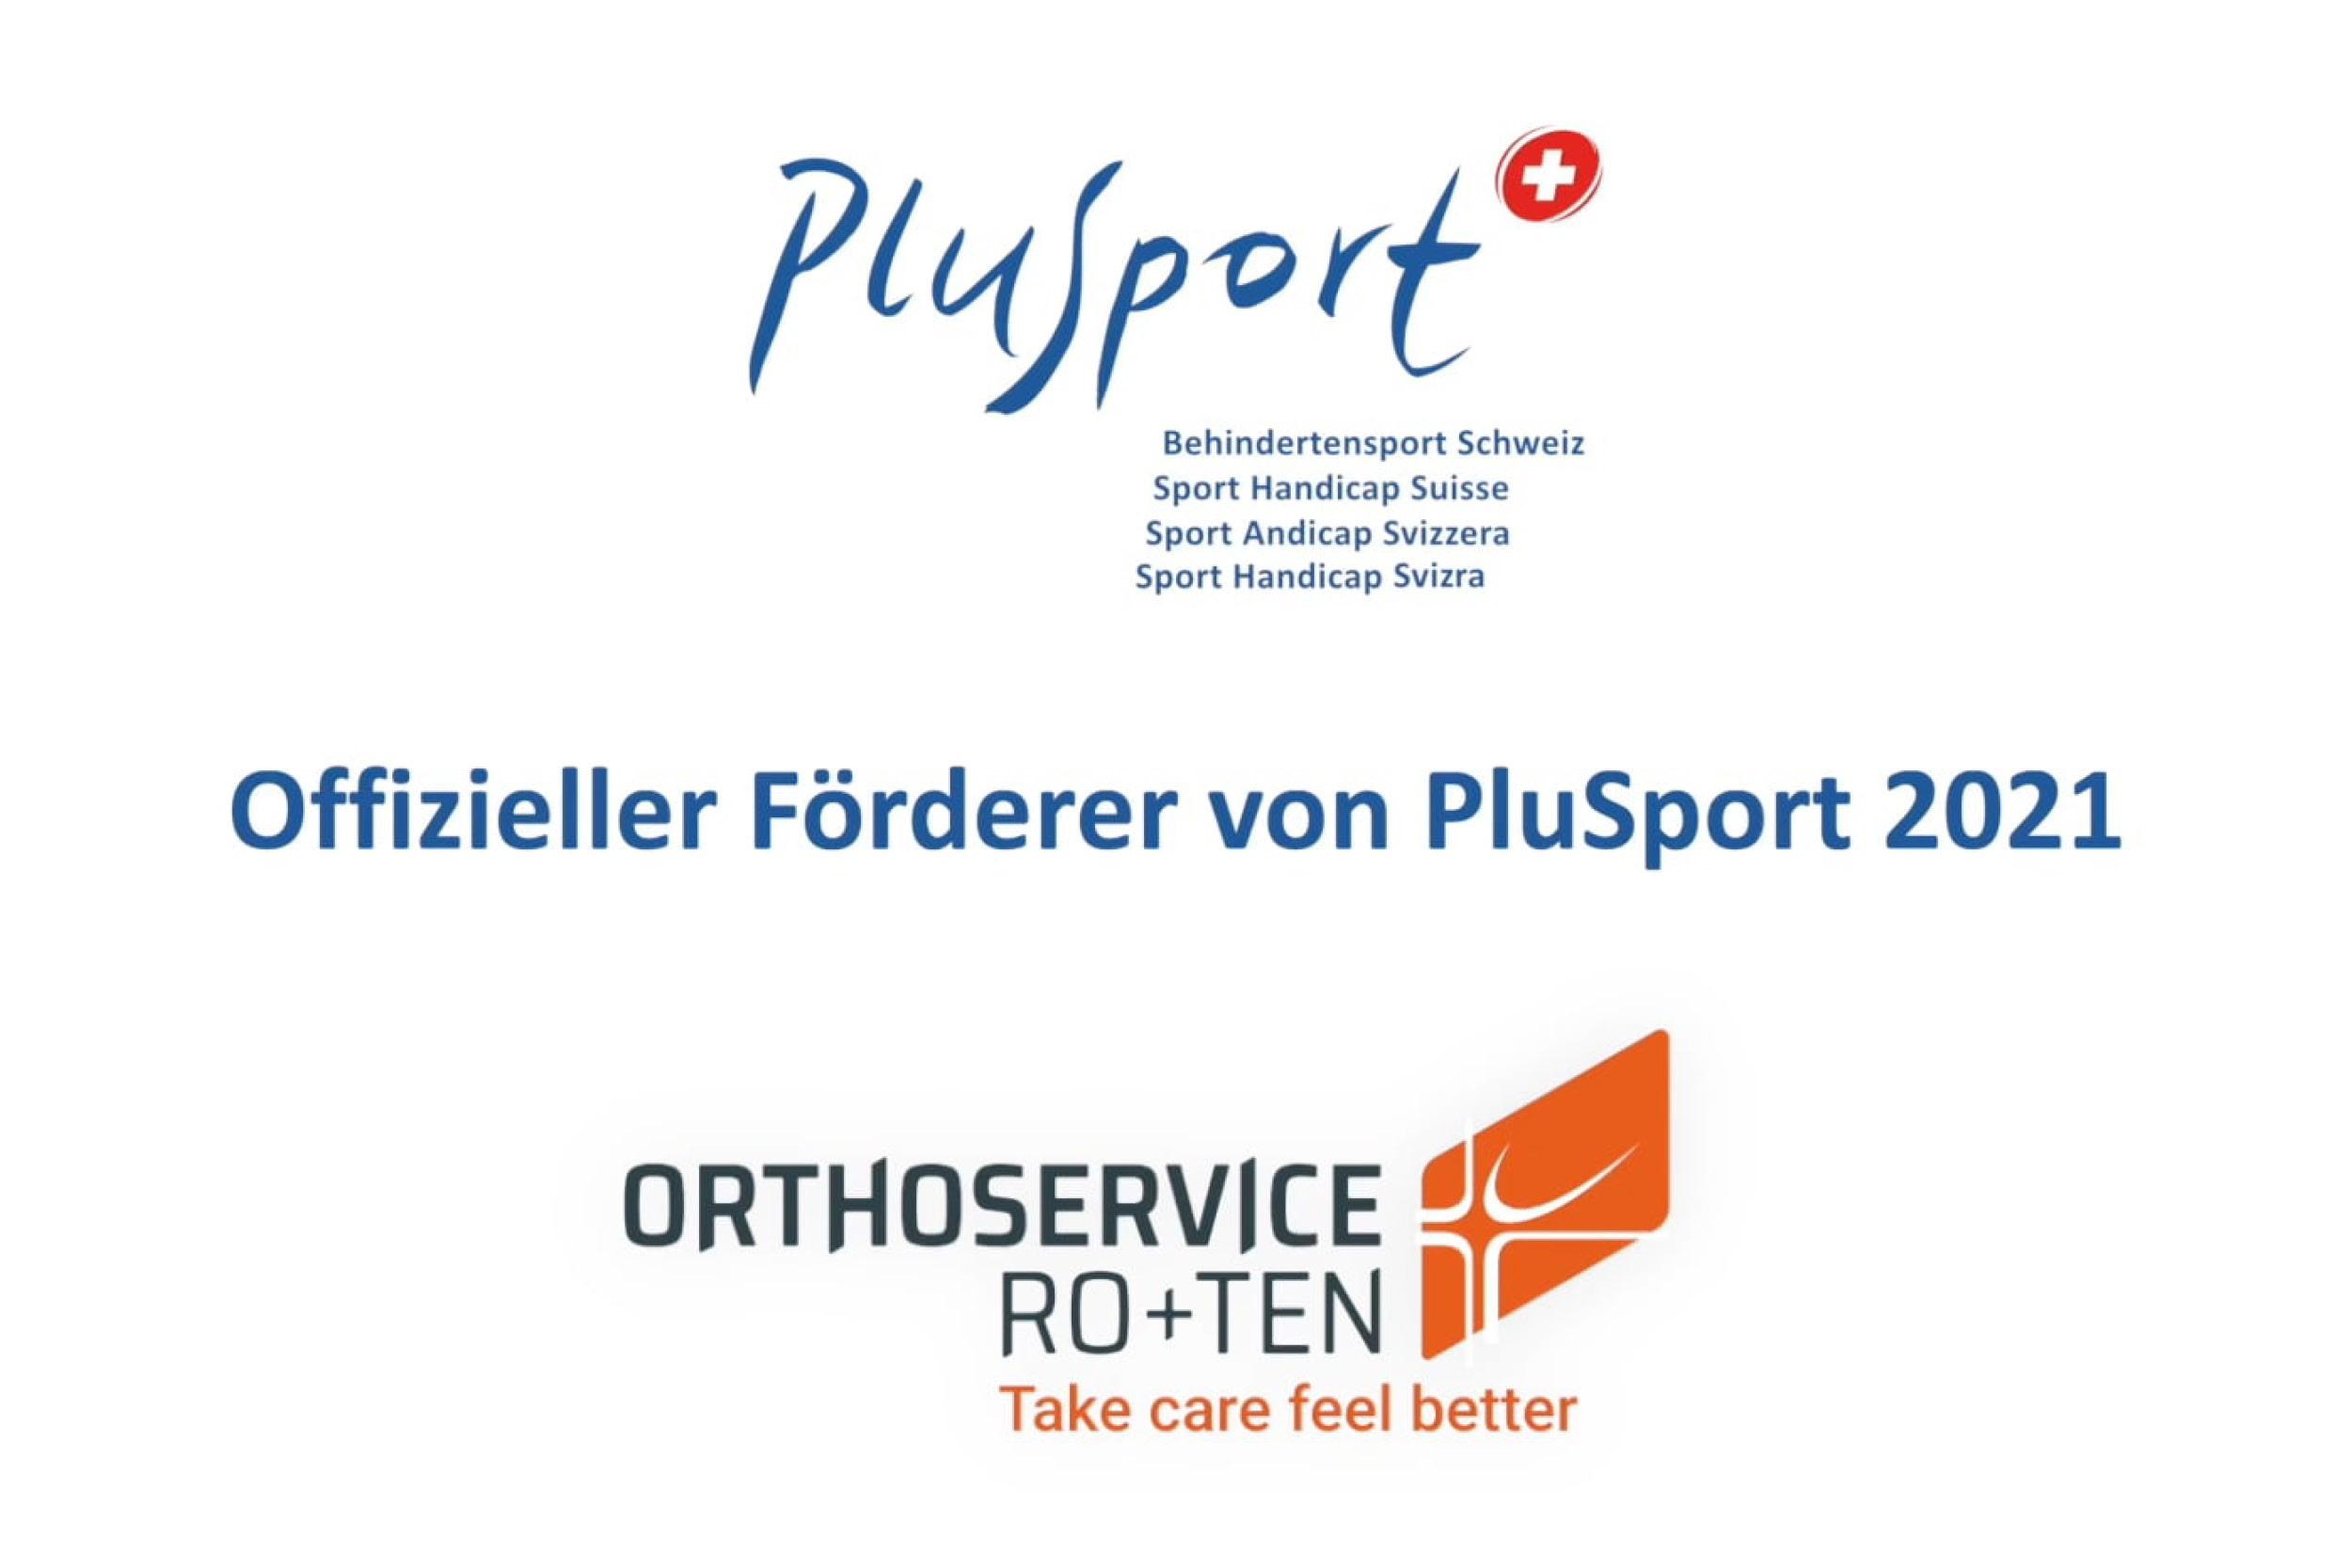 ORTHOSERVICE RO+TEN und PLUSPORT, ein starkes Team!